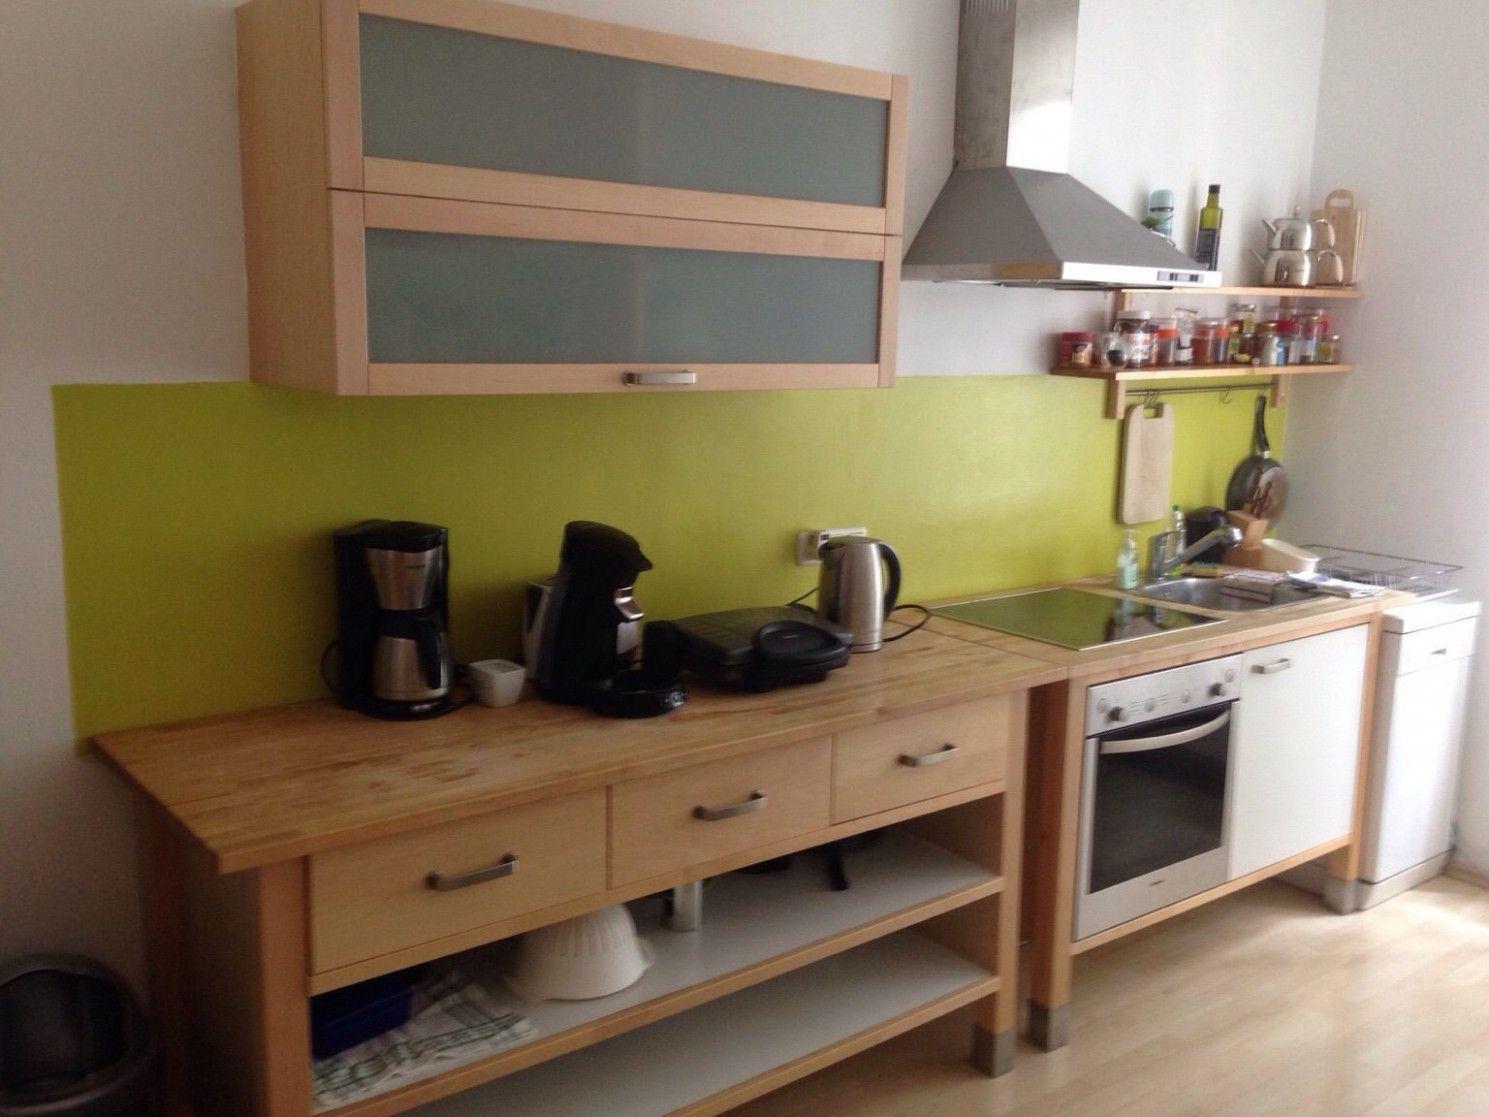 Full Size of Wahrheit Droben Ikea Vrde Kochkunst Wird Enthllt Küche Kosten Betten Bei 160x200 Modulküche Sofa Mit Schlaffunktion Holz Miniküche Kaufen Wohnzimmer Modulküche Ikea Värde